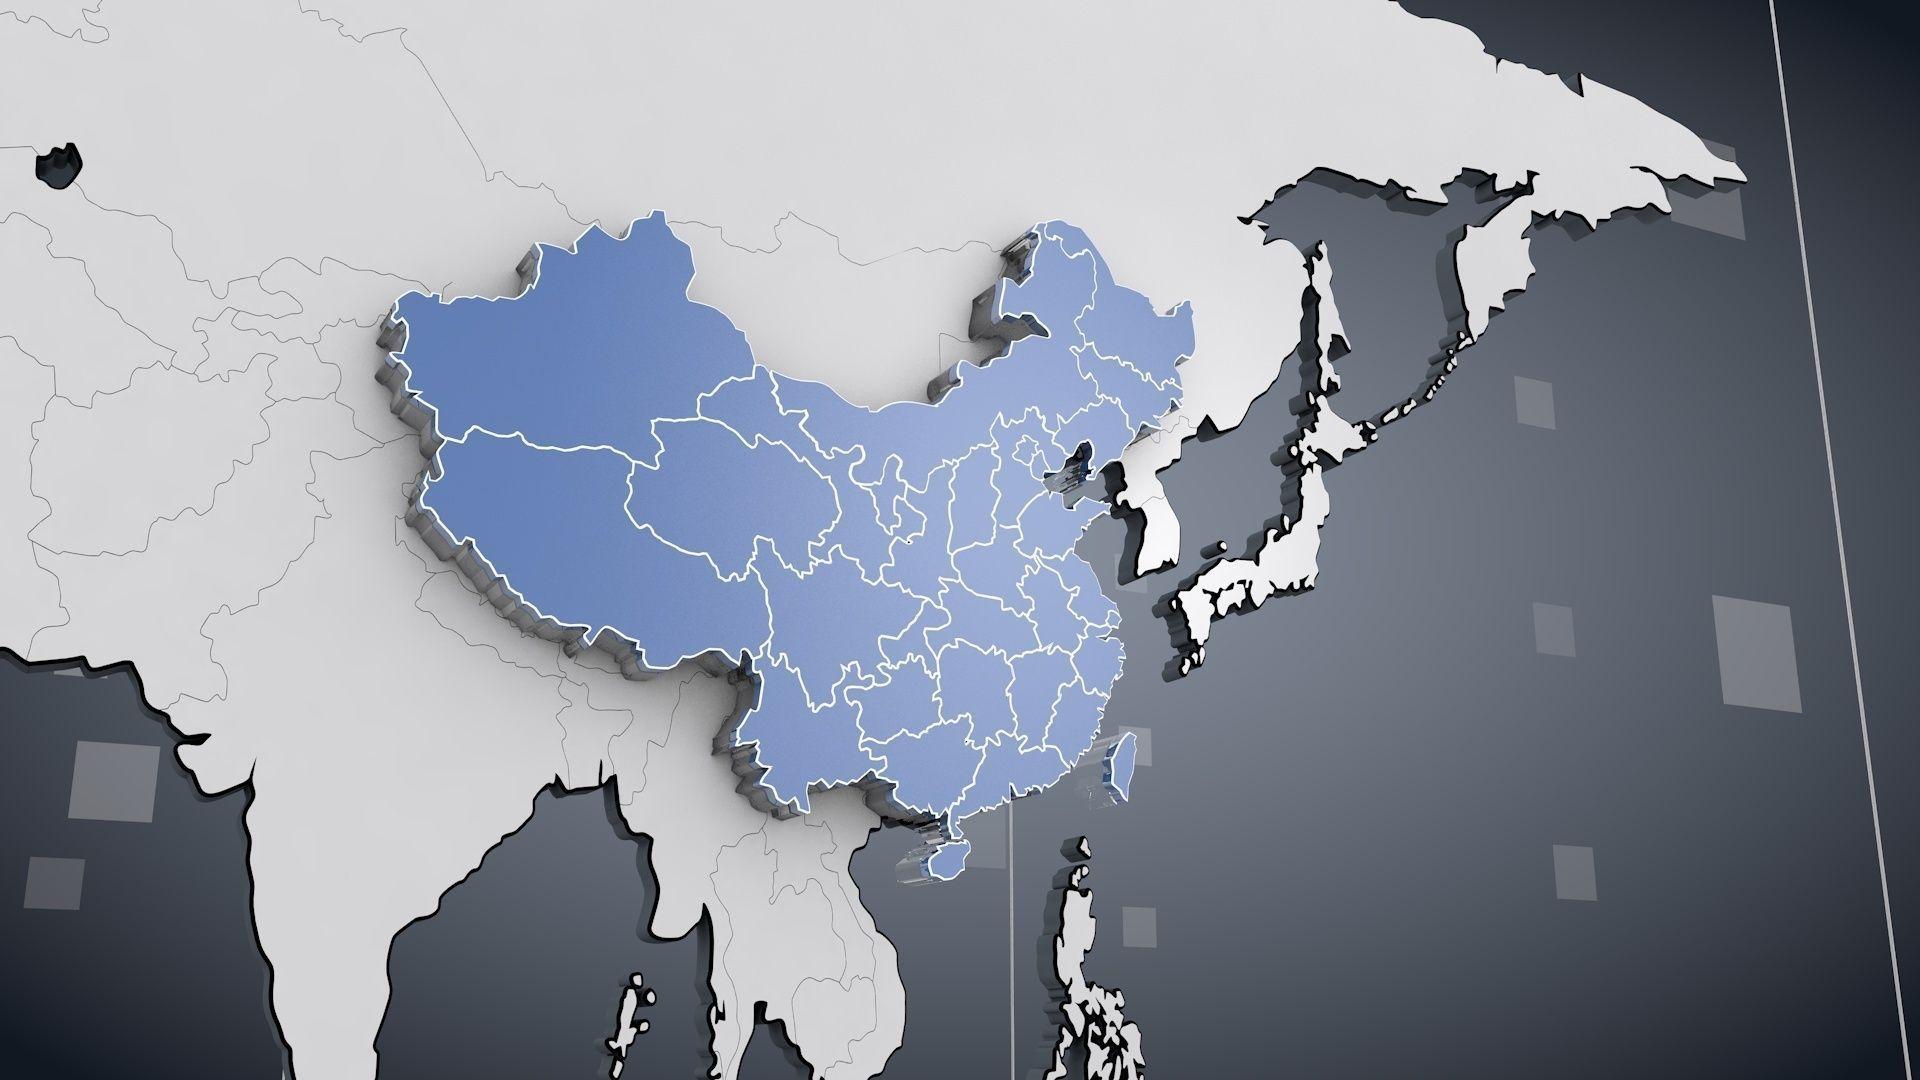 3d cinema 4d world map cgtrader cinema 4d world map 3d model fbx c4d 3 gumiabroncs Choice Image